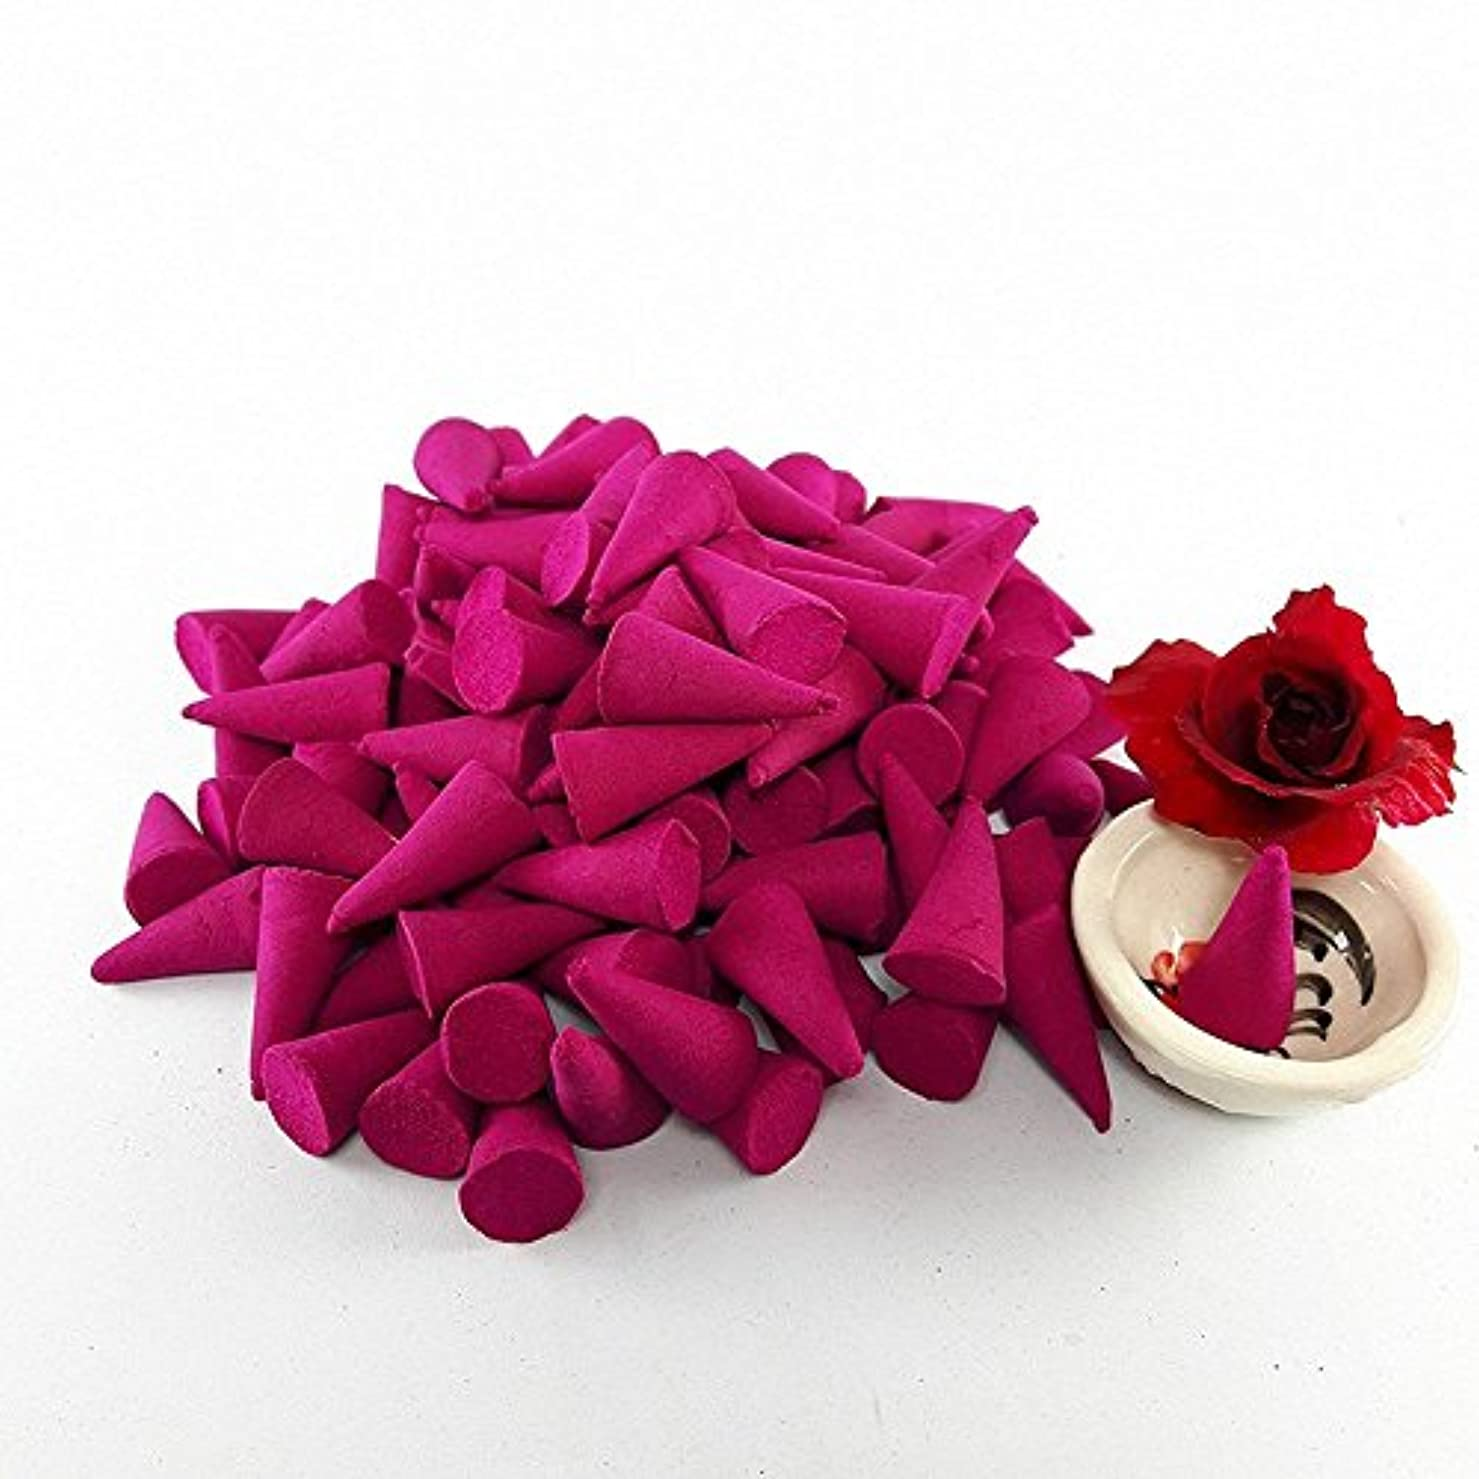 十大脳寂しい家庭用線香 Incense Cones Mixed Variety of Fragrance Relax Aromatherapy Spa (Pack of 100 Cones) With Burner Holder Thai...